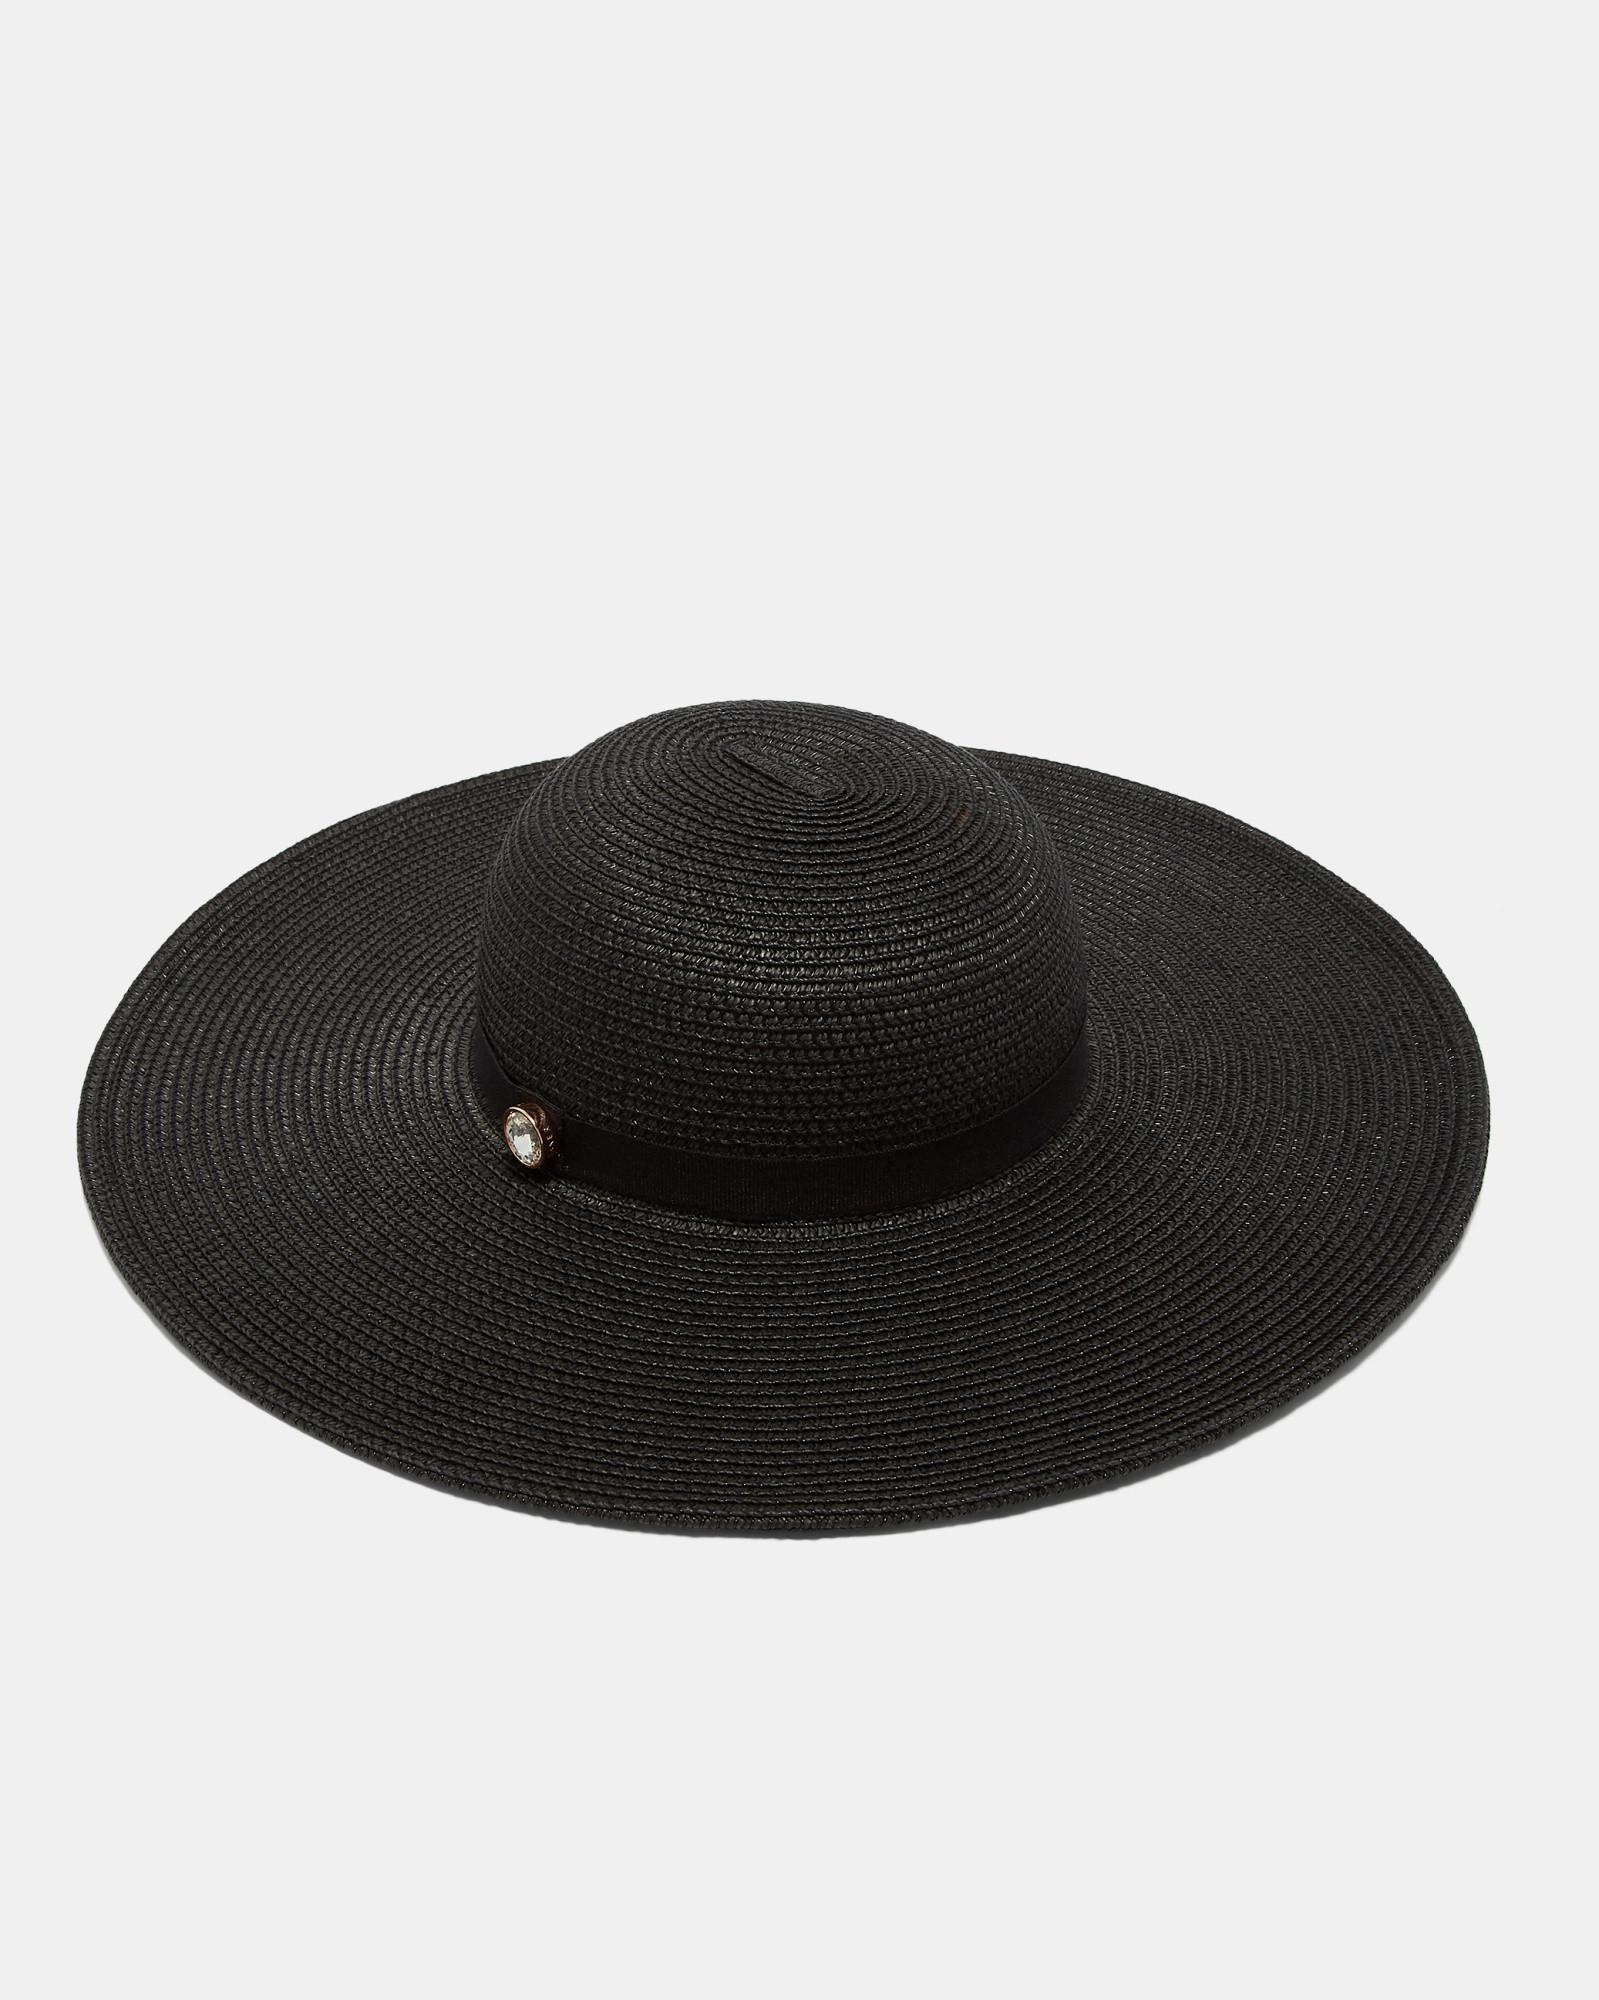 7843e58c35198 Lyst - Ted Baker Gem Detail Floppy Hat in Black